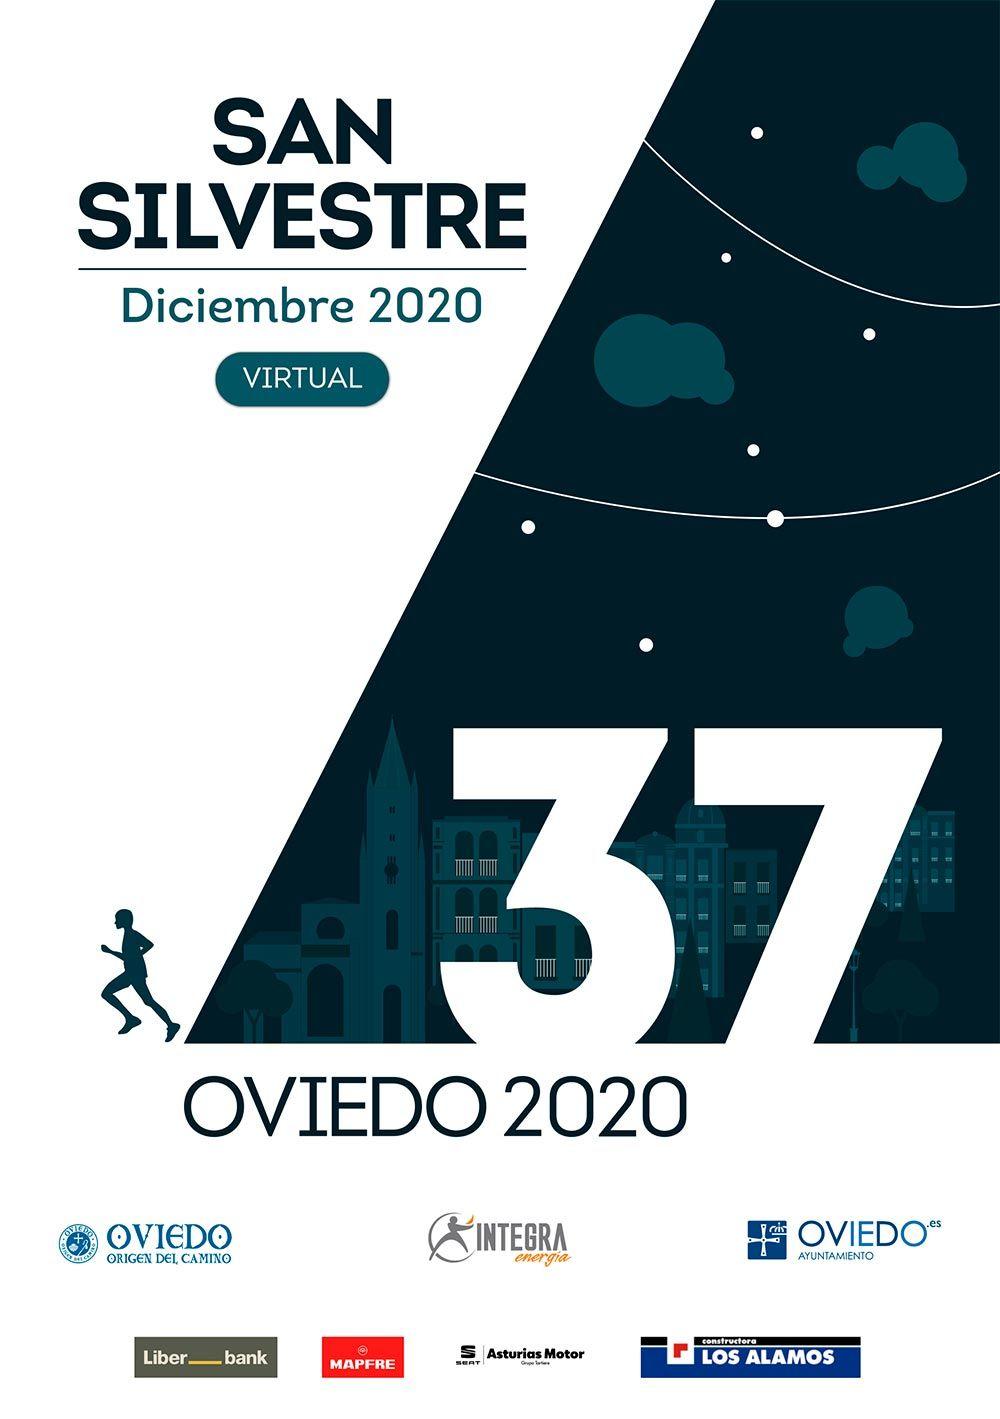 San Silvestre Virtual Ciudad de Oviedo 2020